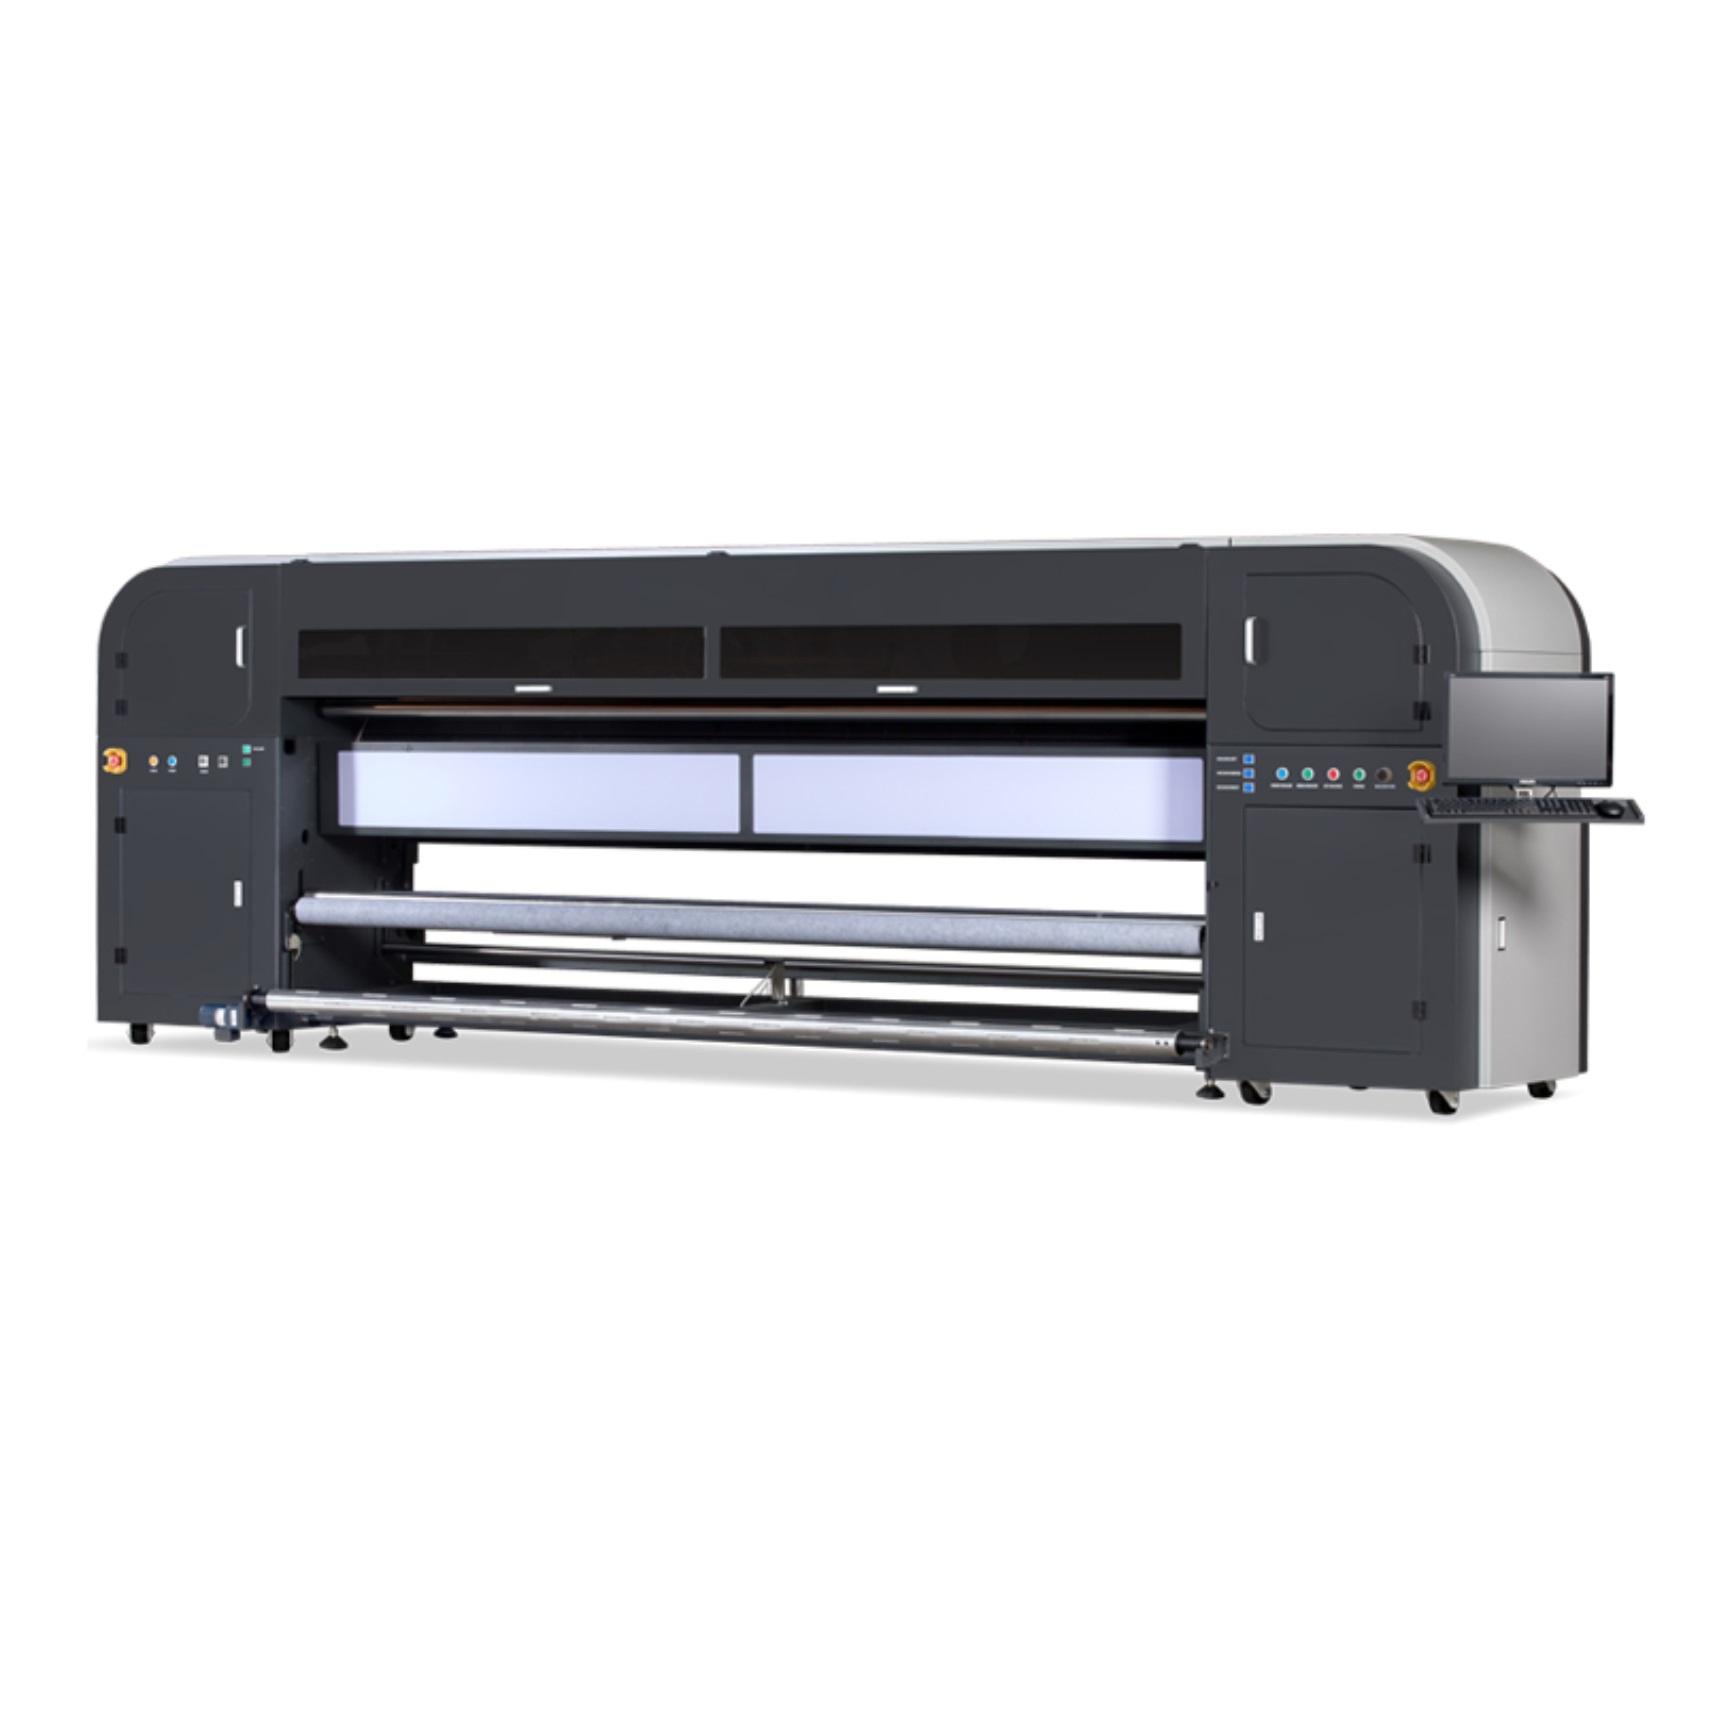 Impressora UV Rolo a Rolo GrandSPEED - Série Platinum